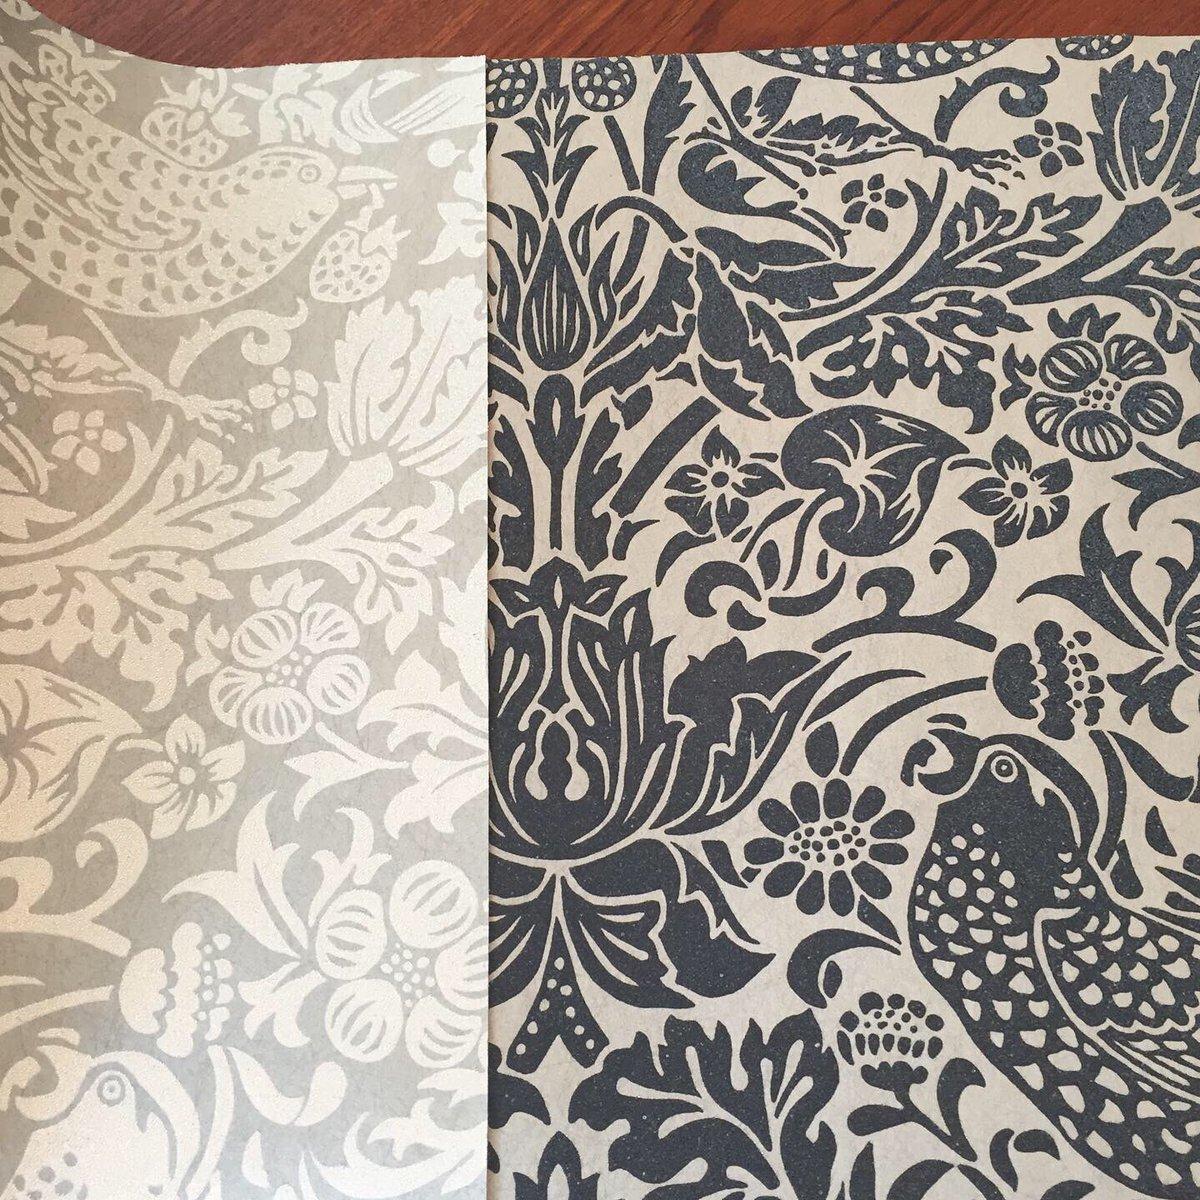 Interior Styling Of Bright ブライト 輸入壁紙のサンプルブック Morris Co の ピュアモリス 定番の柄がモノトーンの壁紙になりました とても上品な壁紙です 少しの面積の張替えでも お部屋のイメージがガラッと変わります 壁紙 壁紙張替え